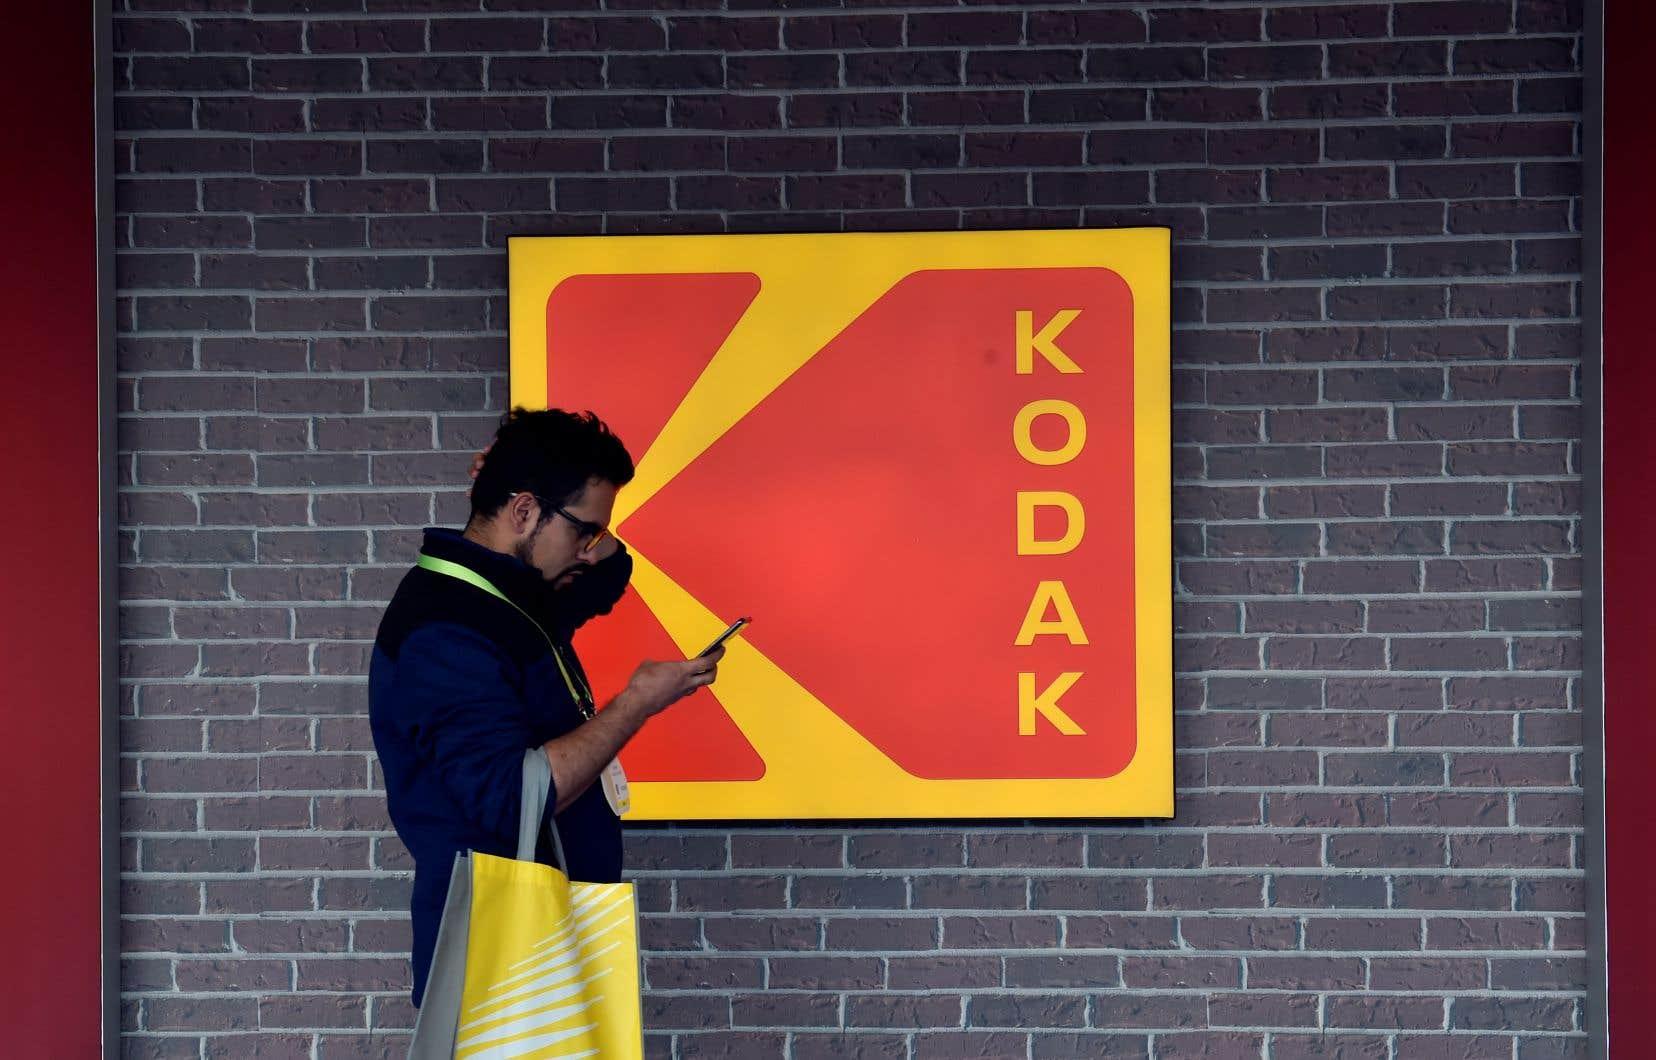 Kodak a partagé des informations au sujet du prêt avec des journalistes la veille de l'annonce officielle, faisant ainsi fuiter la nouvelle et bondir le titre à Wall Street.